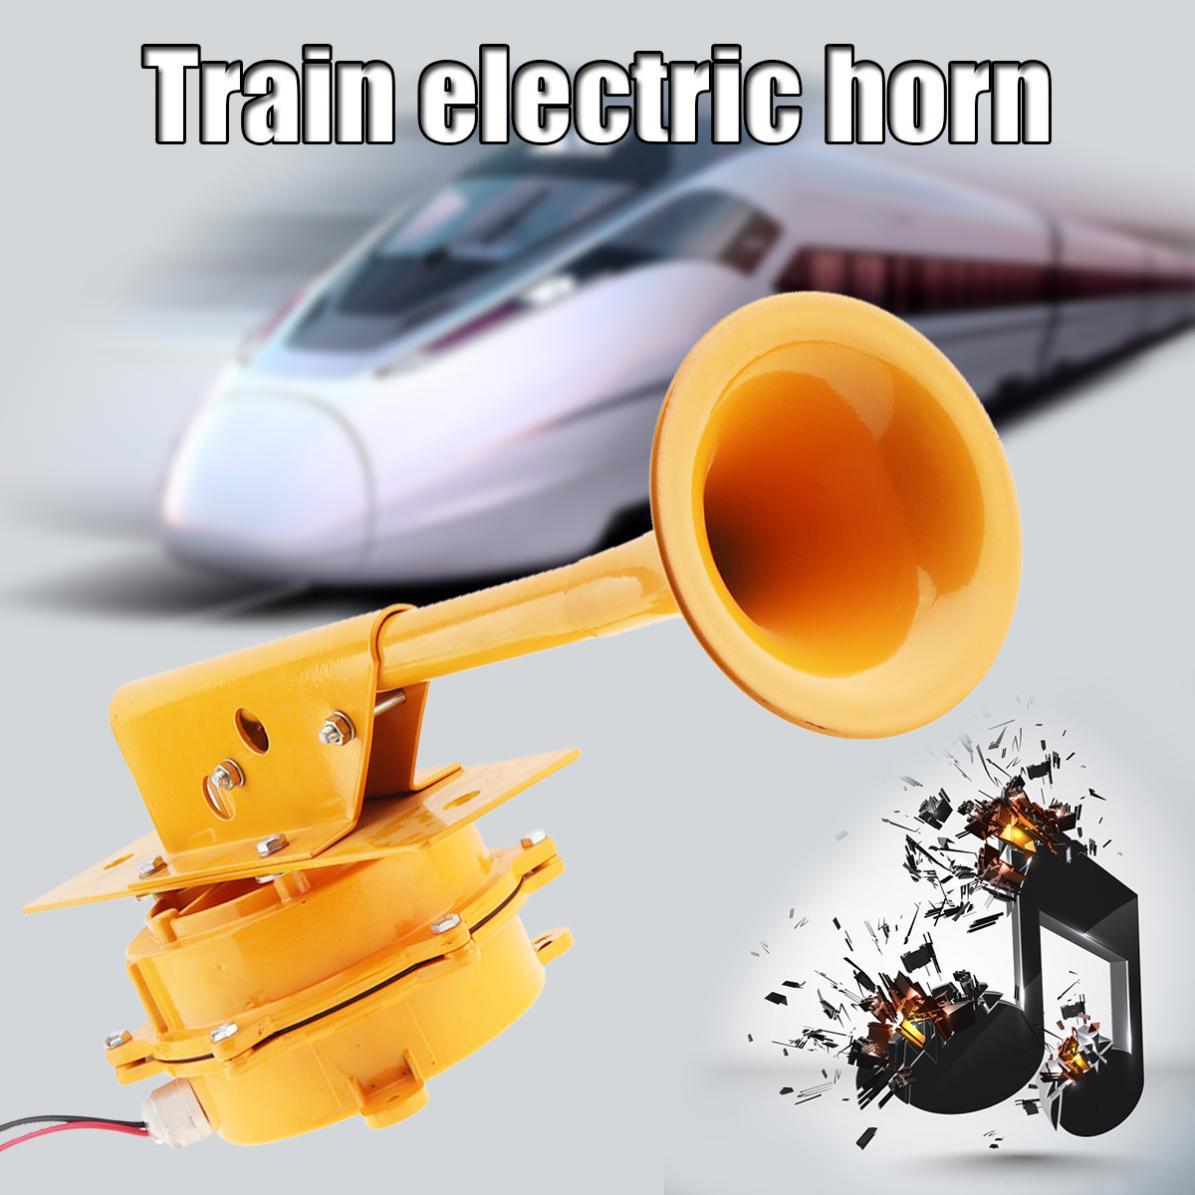 12 V/24 V 1280DB Super głośny cały metalowy róg pociągu nie ma potrzeby sprężarki dla ciężarówki łódź pociąg ciężarówka pojazd